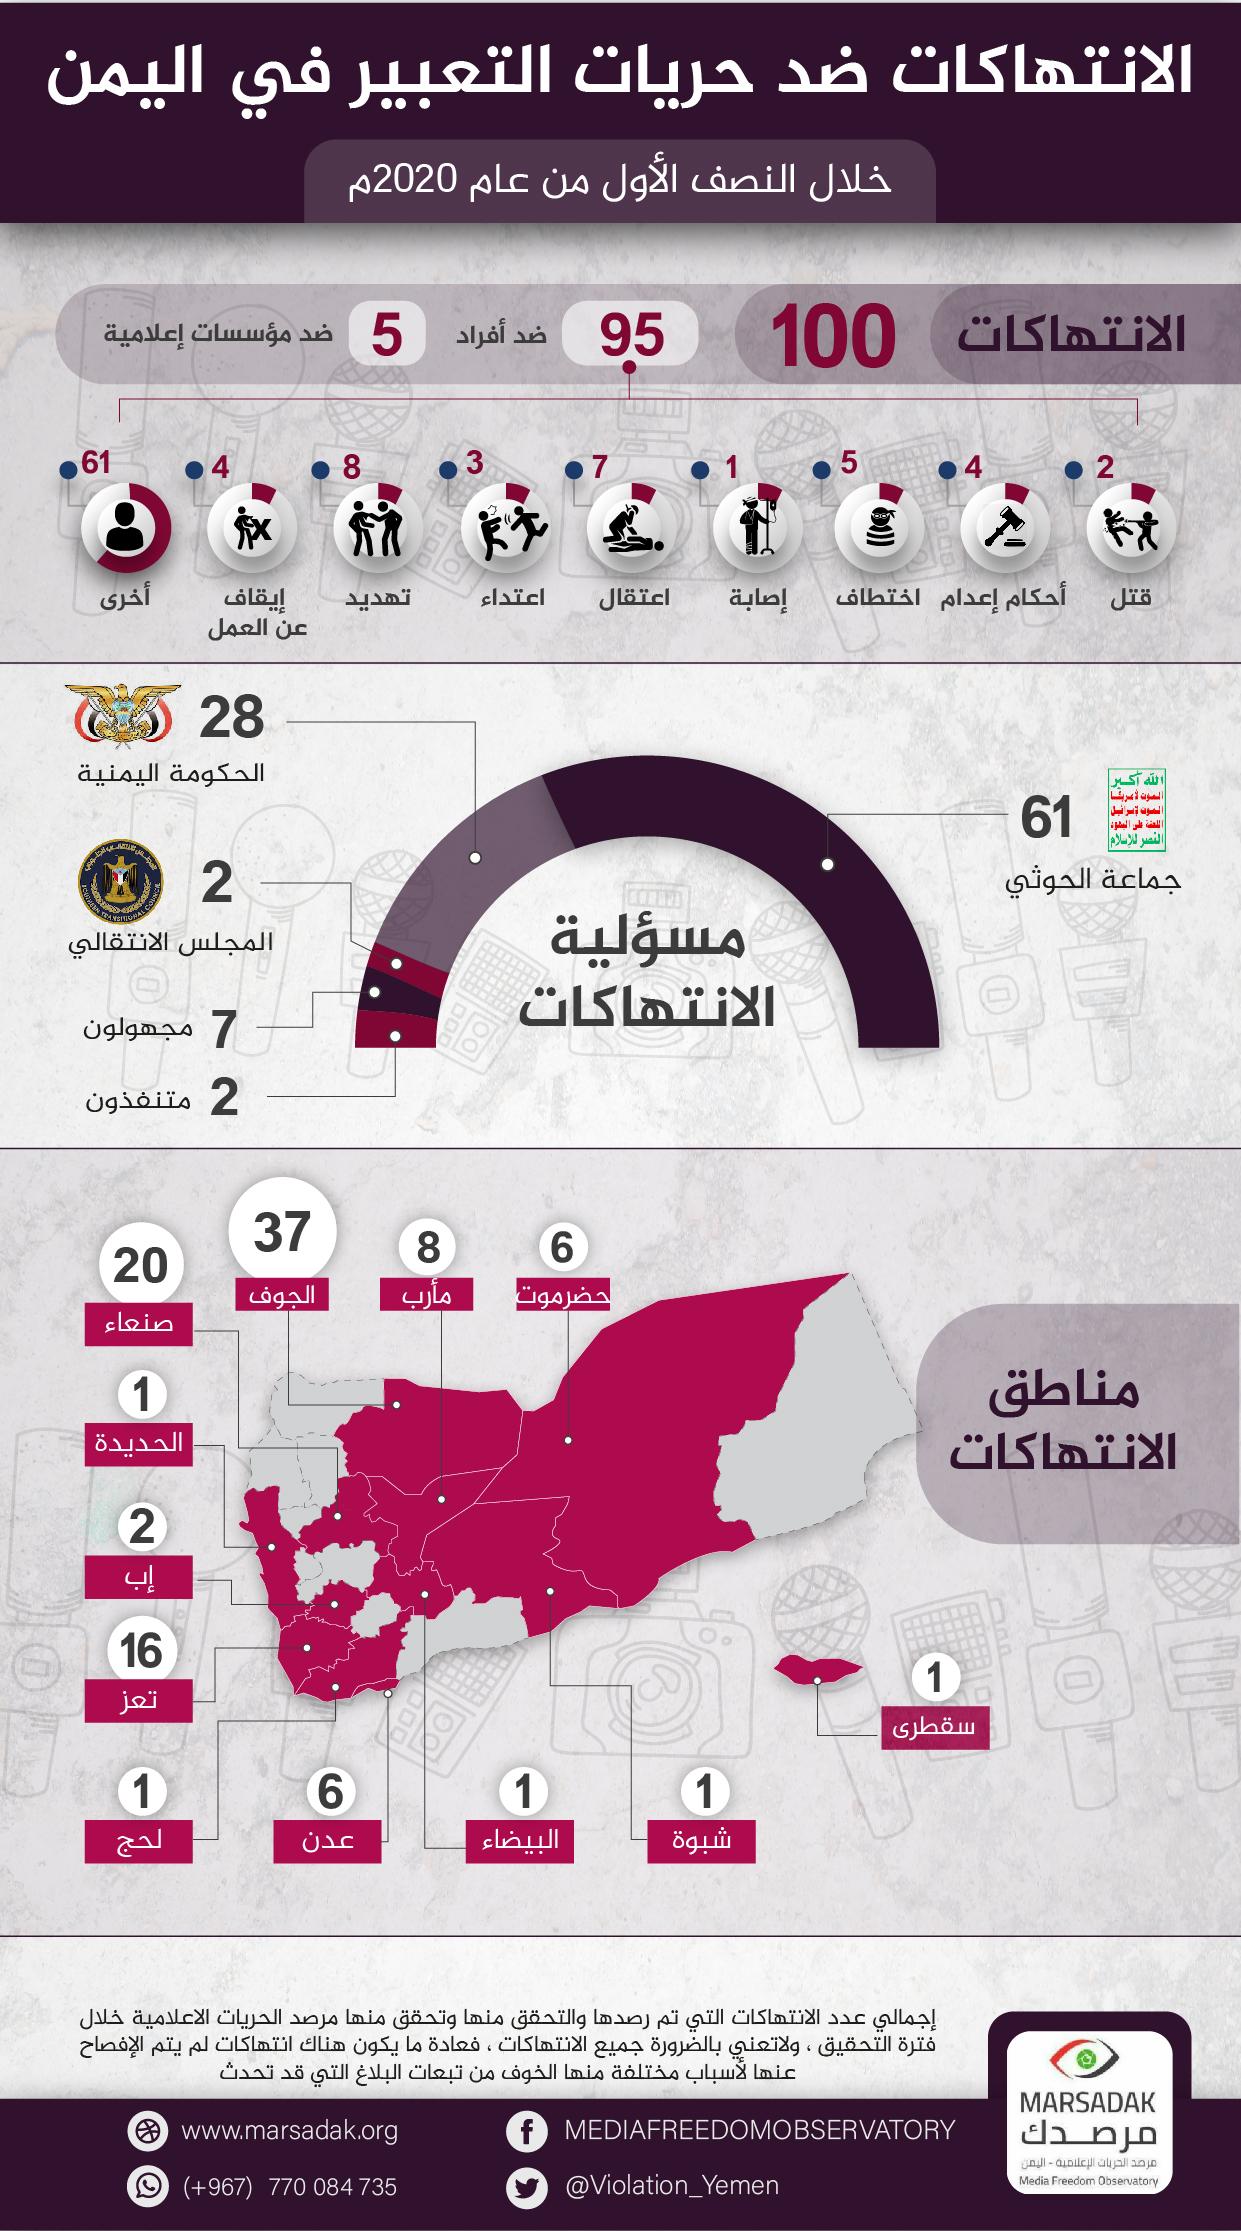 تقرير لمرصد الحريات الاعلامية: 100 انتهاك ضد الصحفيين اليمنيين خلال النصف الاول العام الجاري